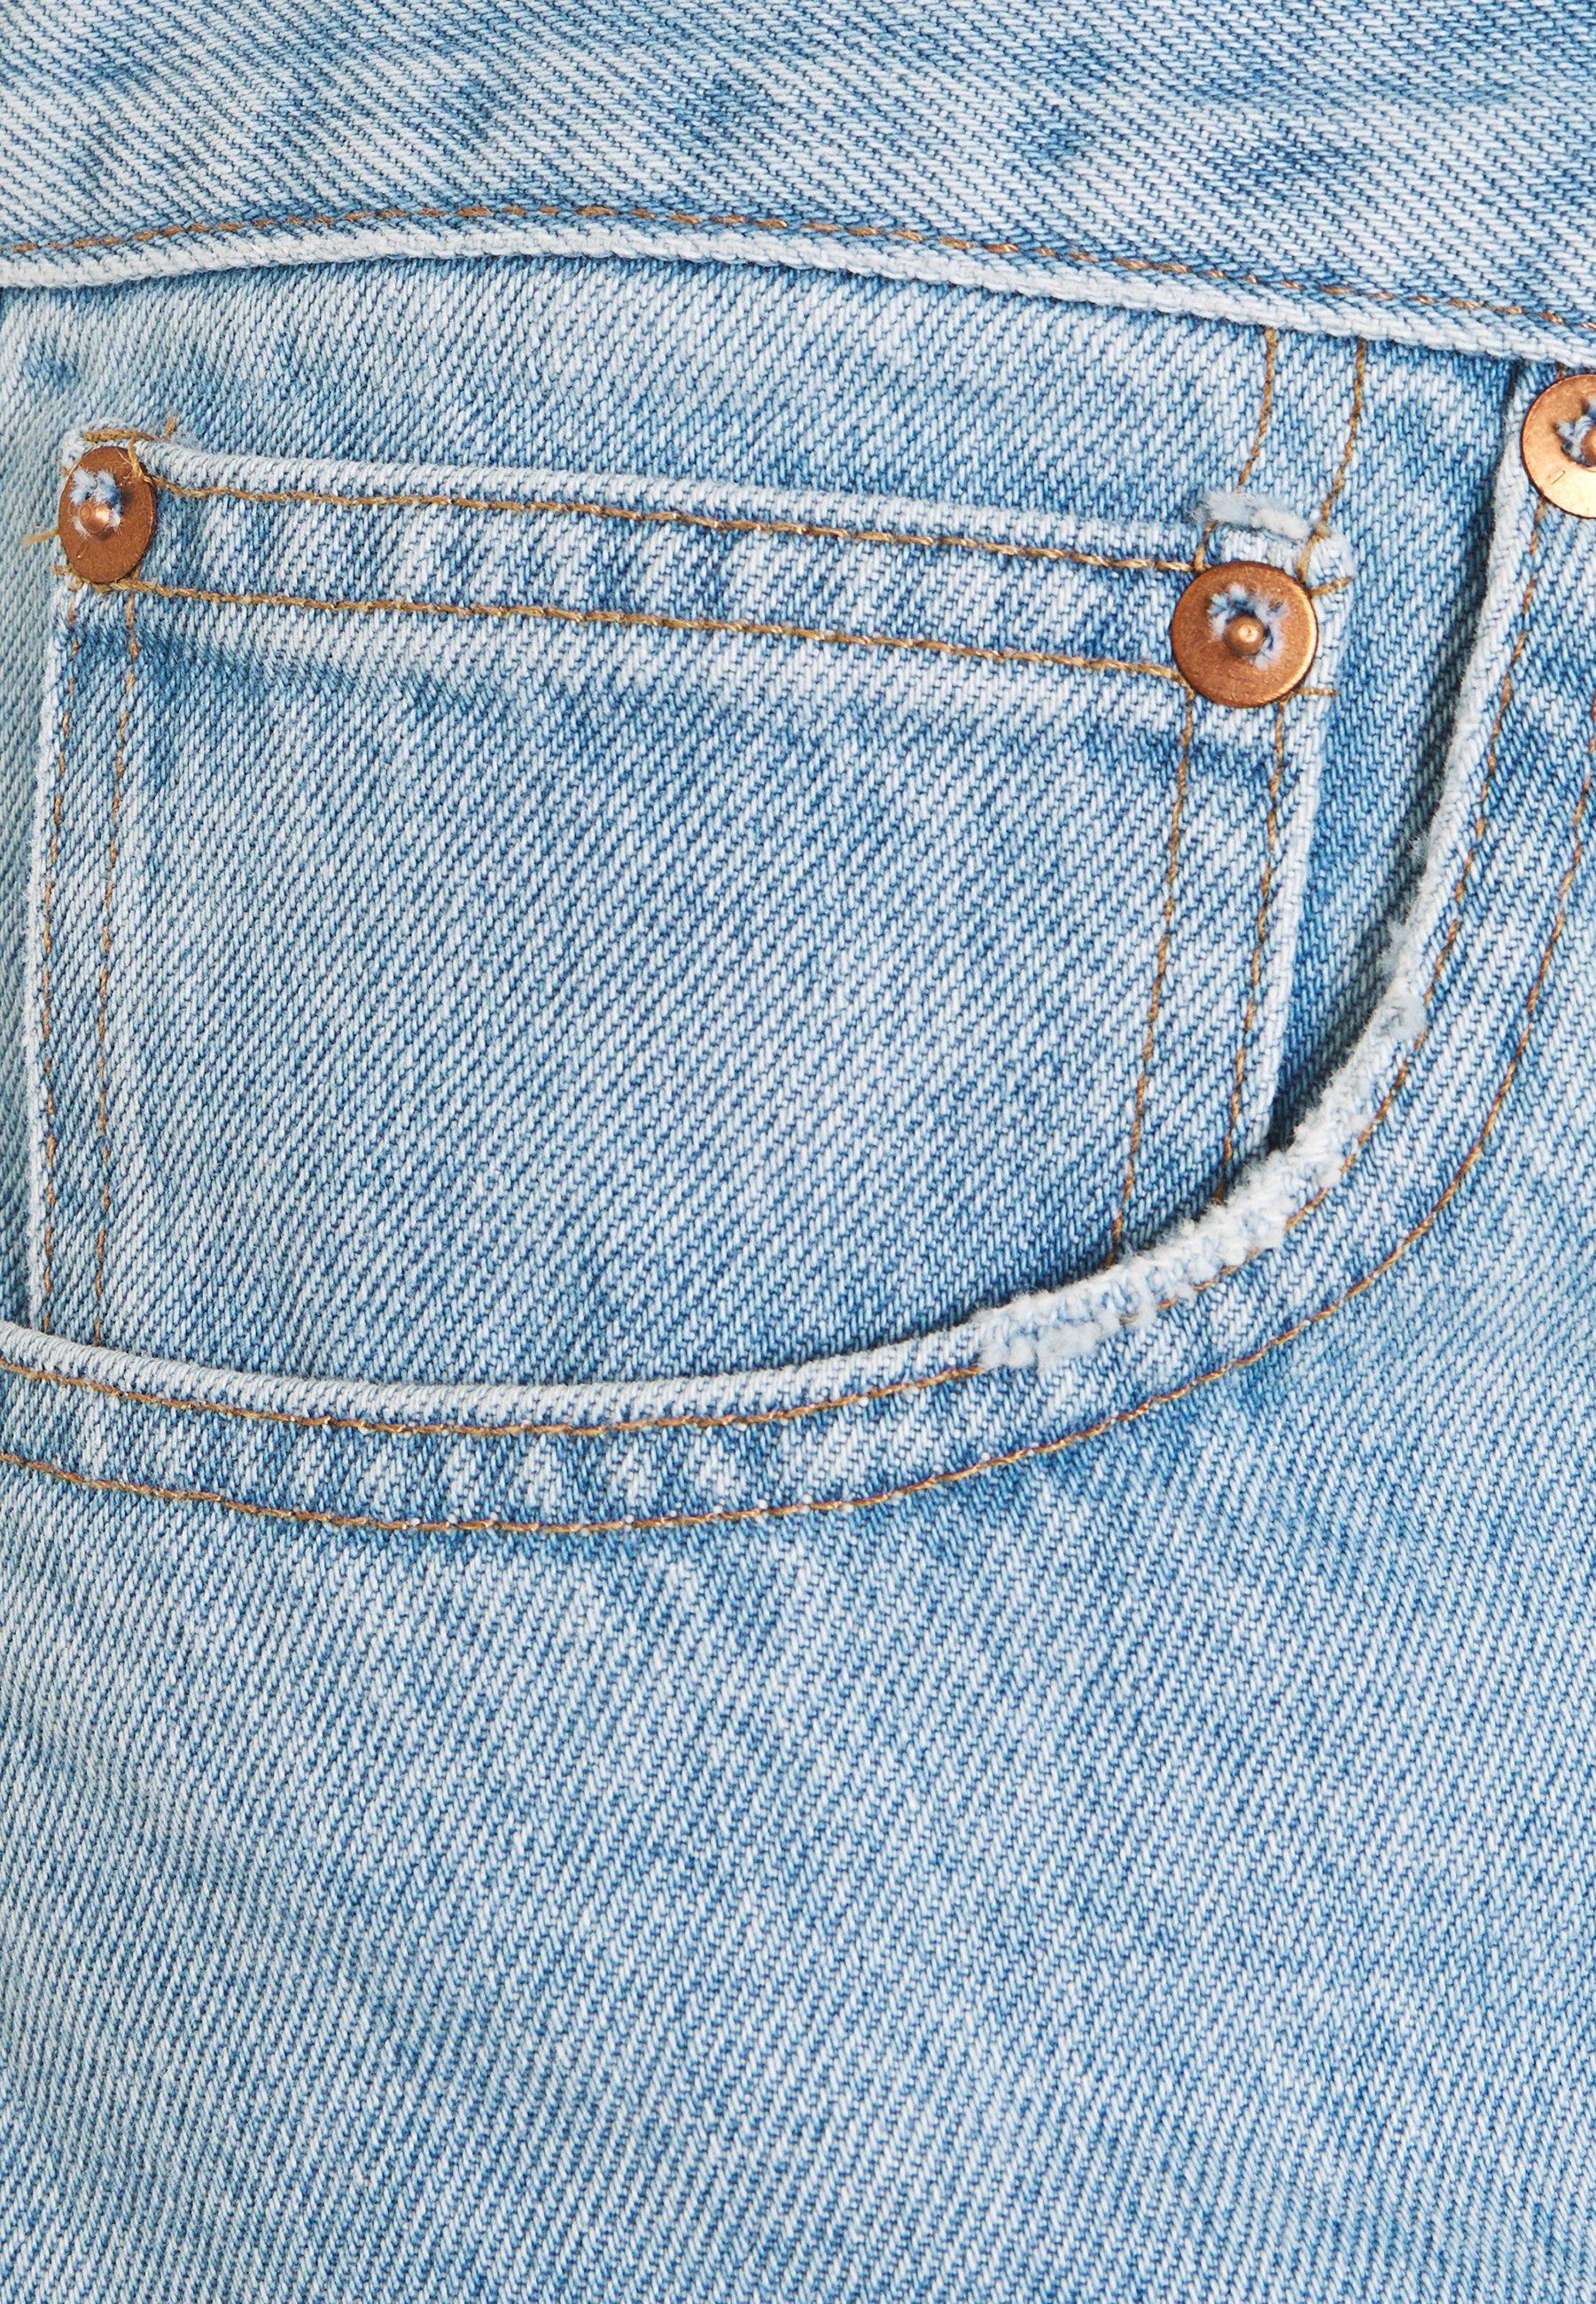 Madewell Rigid Boy Short - Farkkushortsit Light-blue Denim